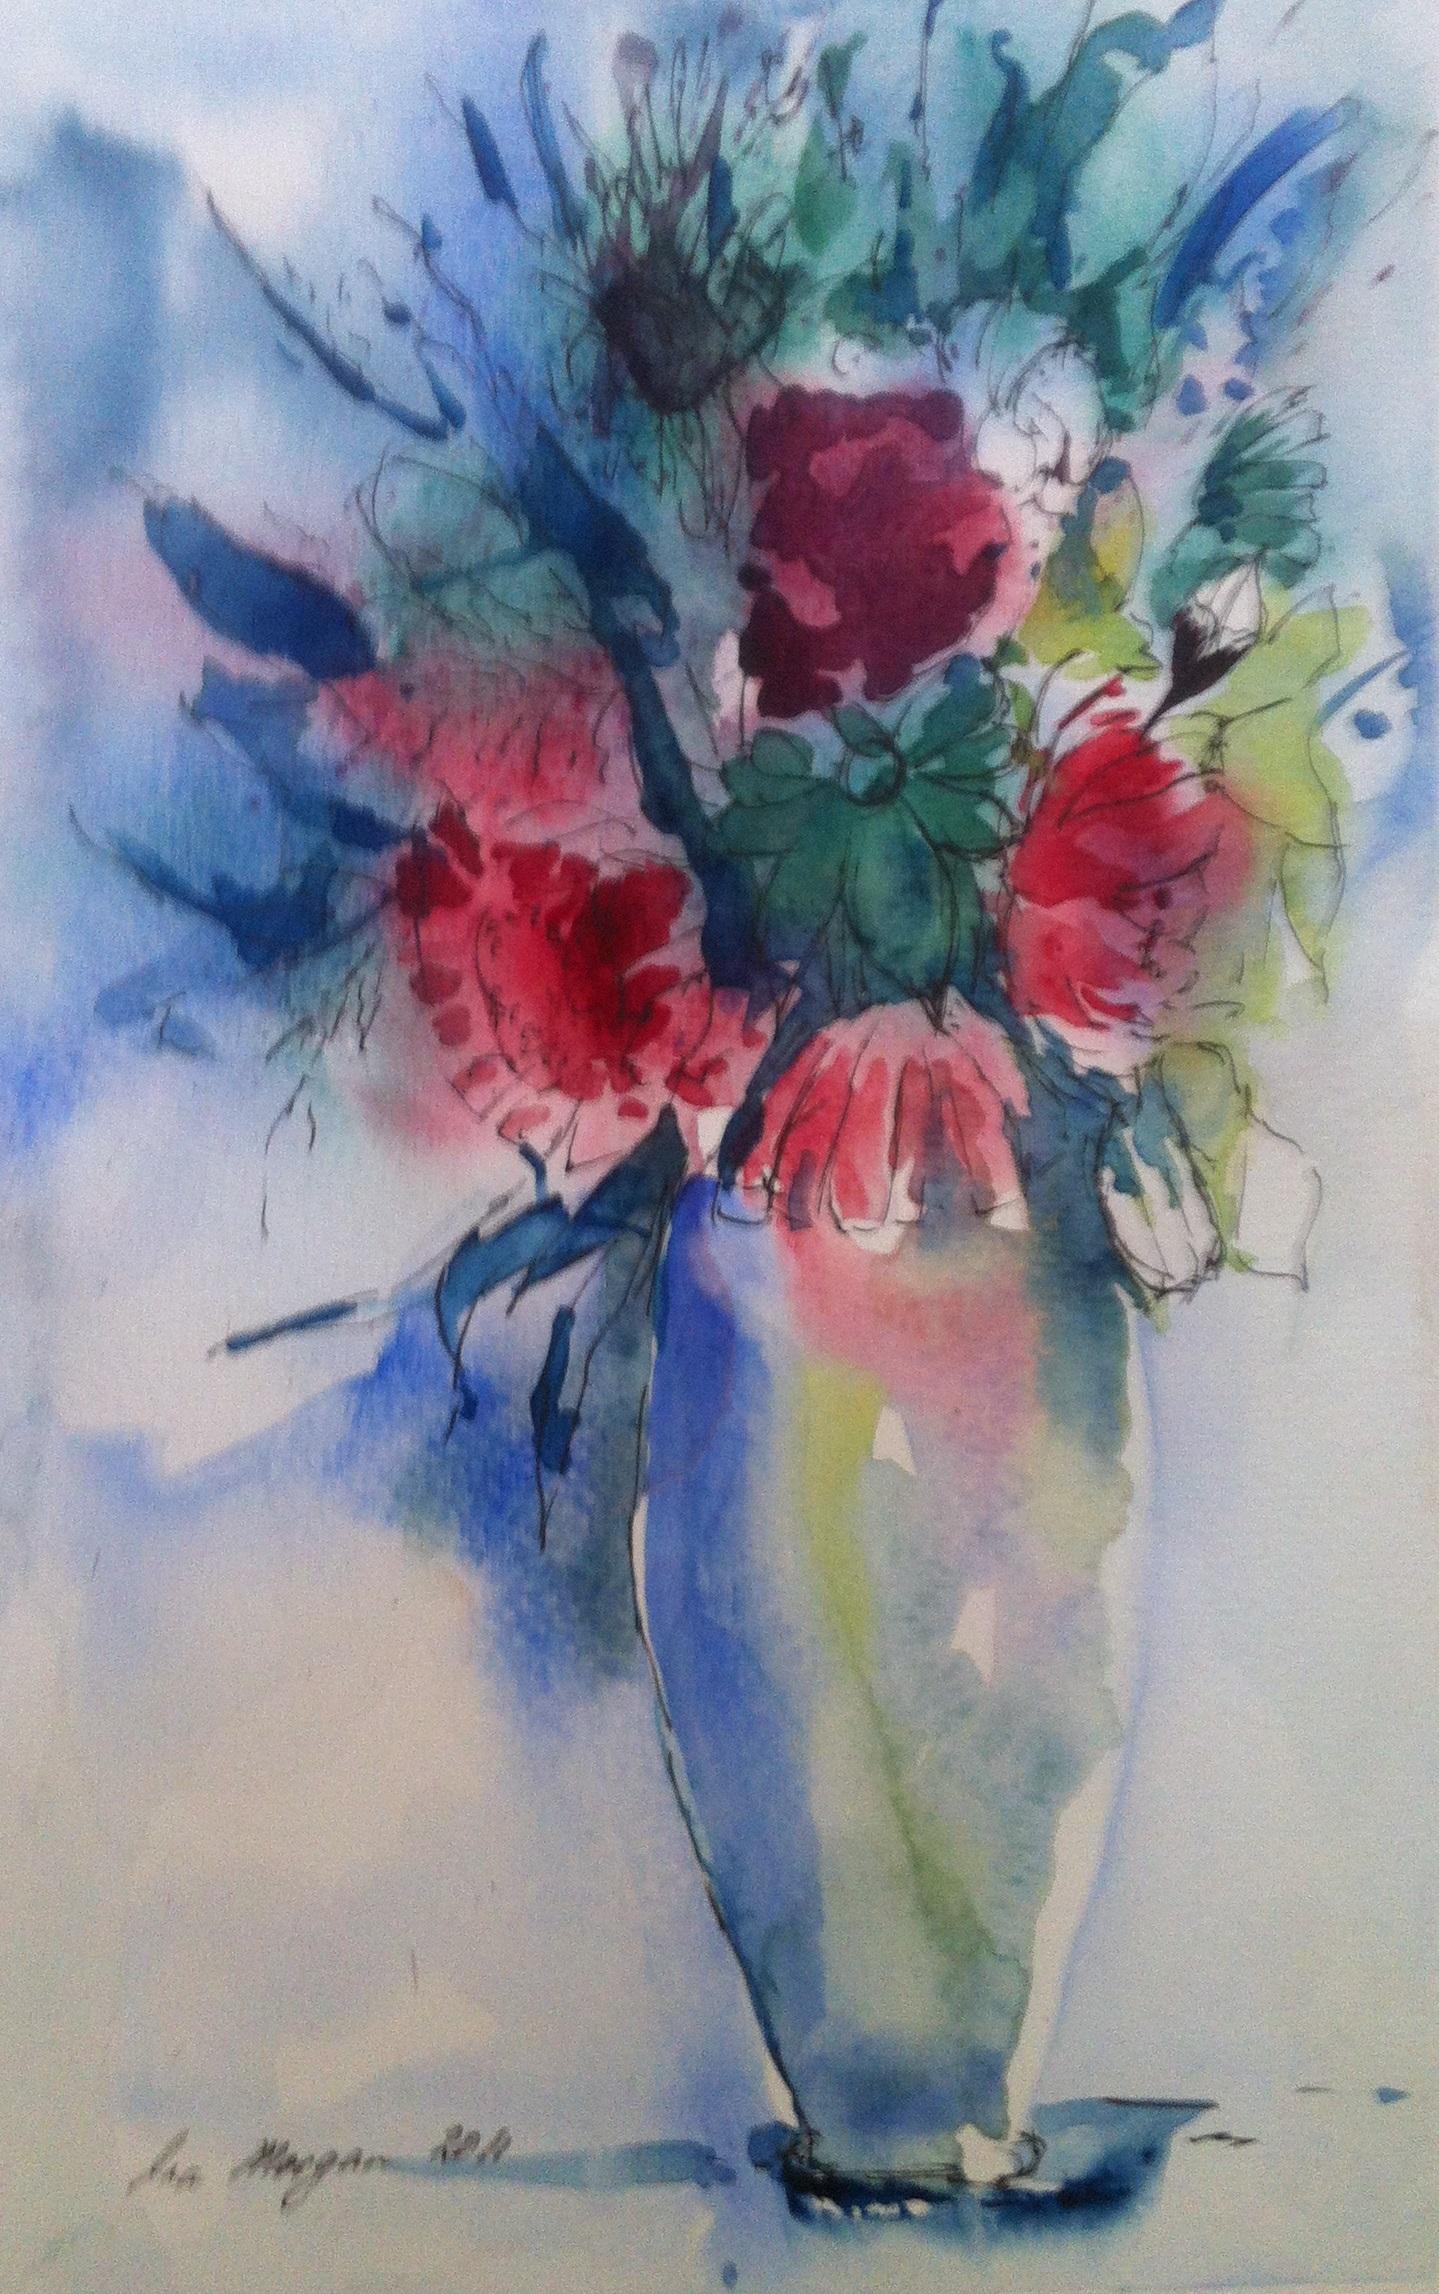 90. 'Straw vase'